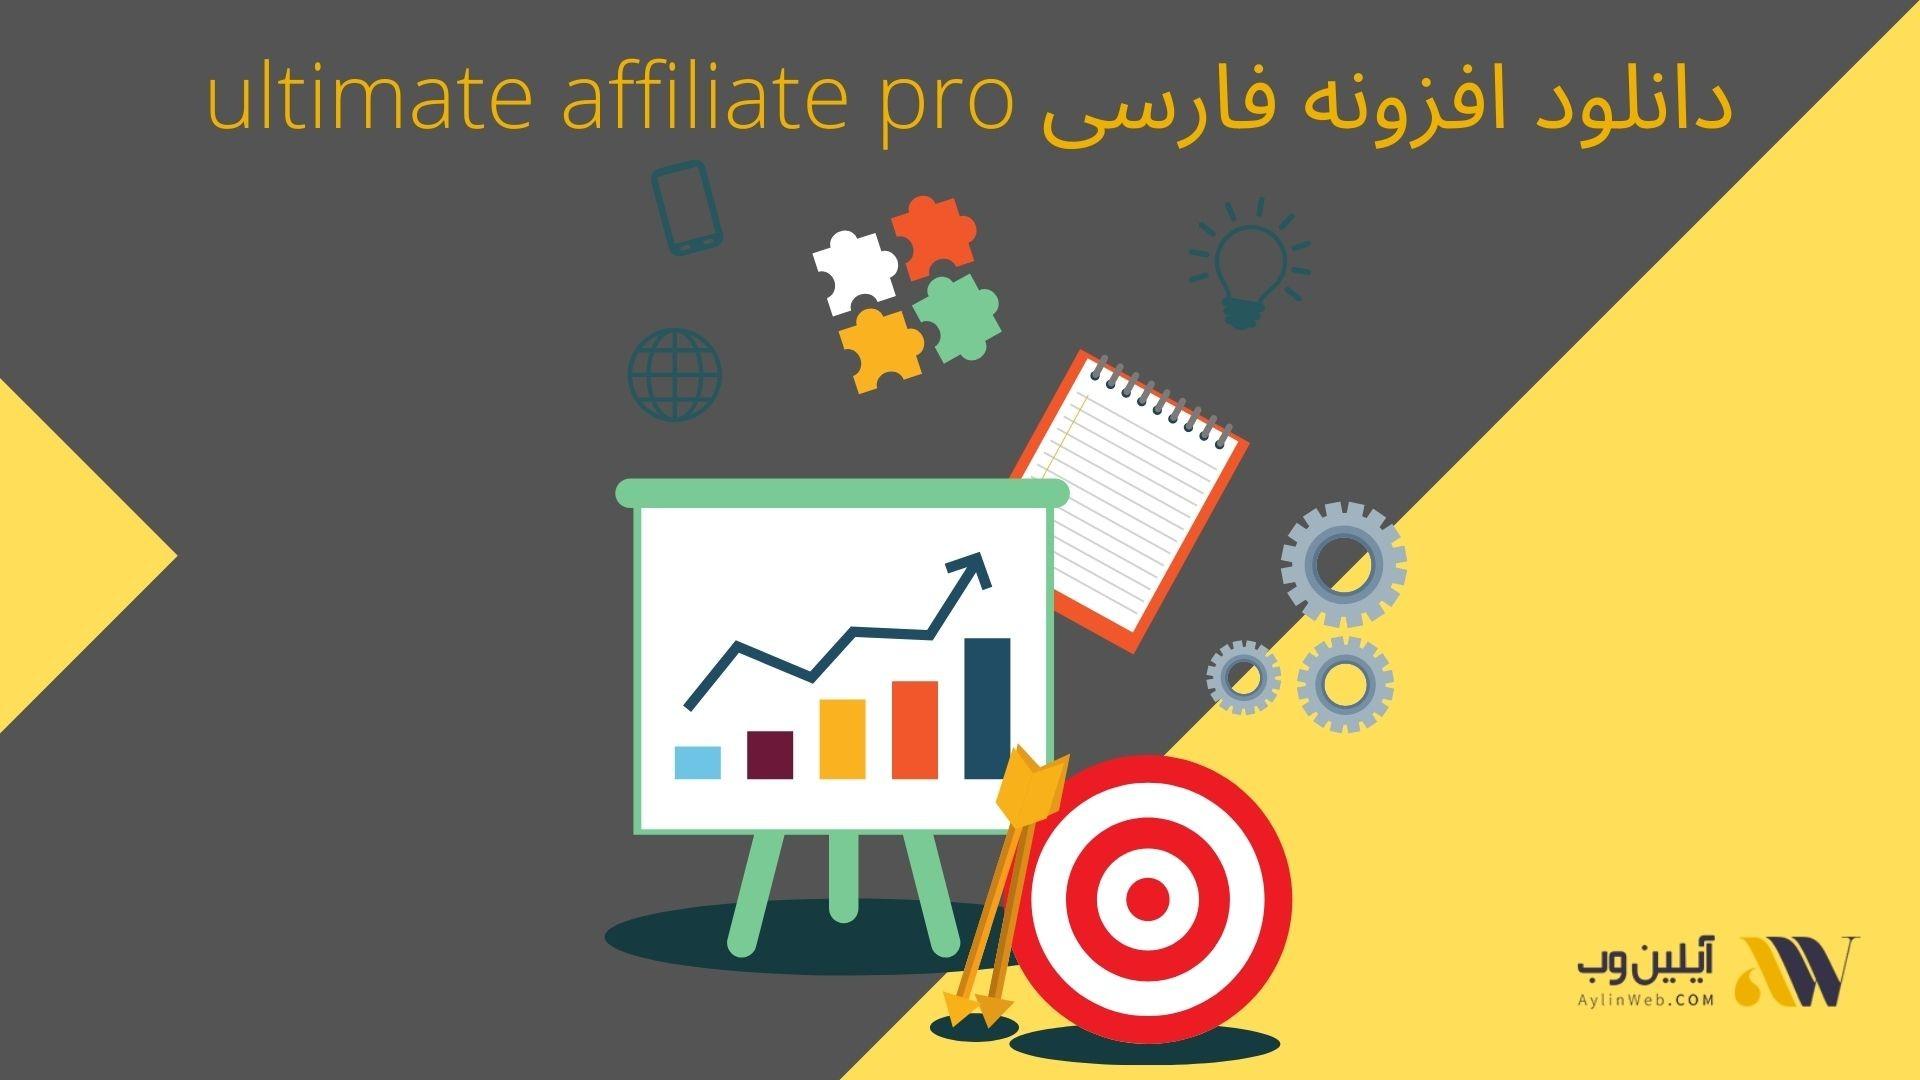 دانلود افزونه فارسی ultimate affiliate pro